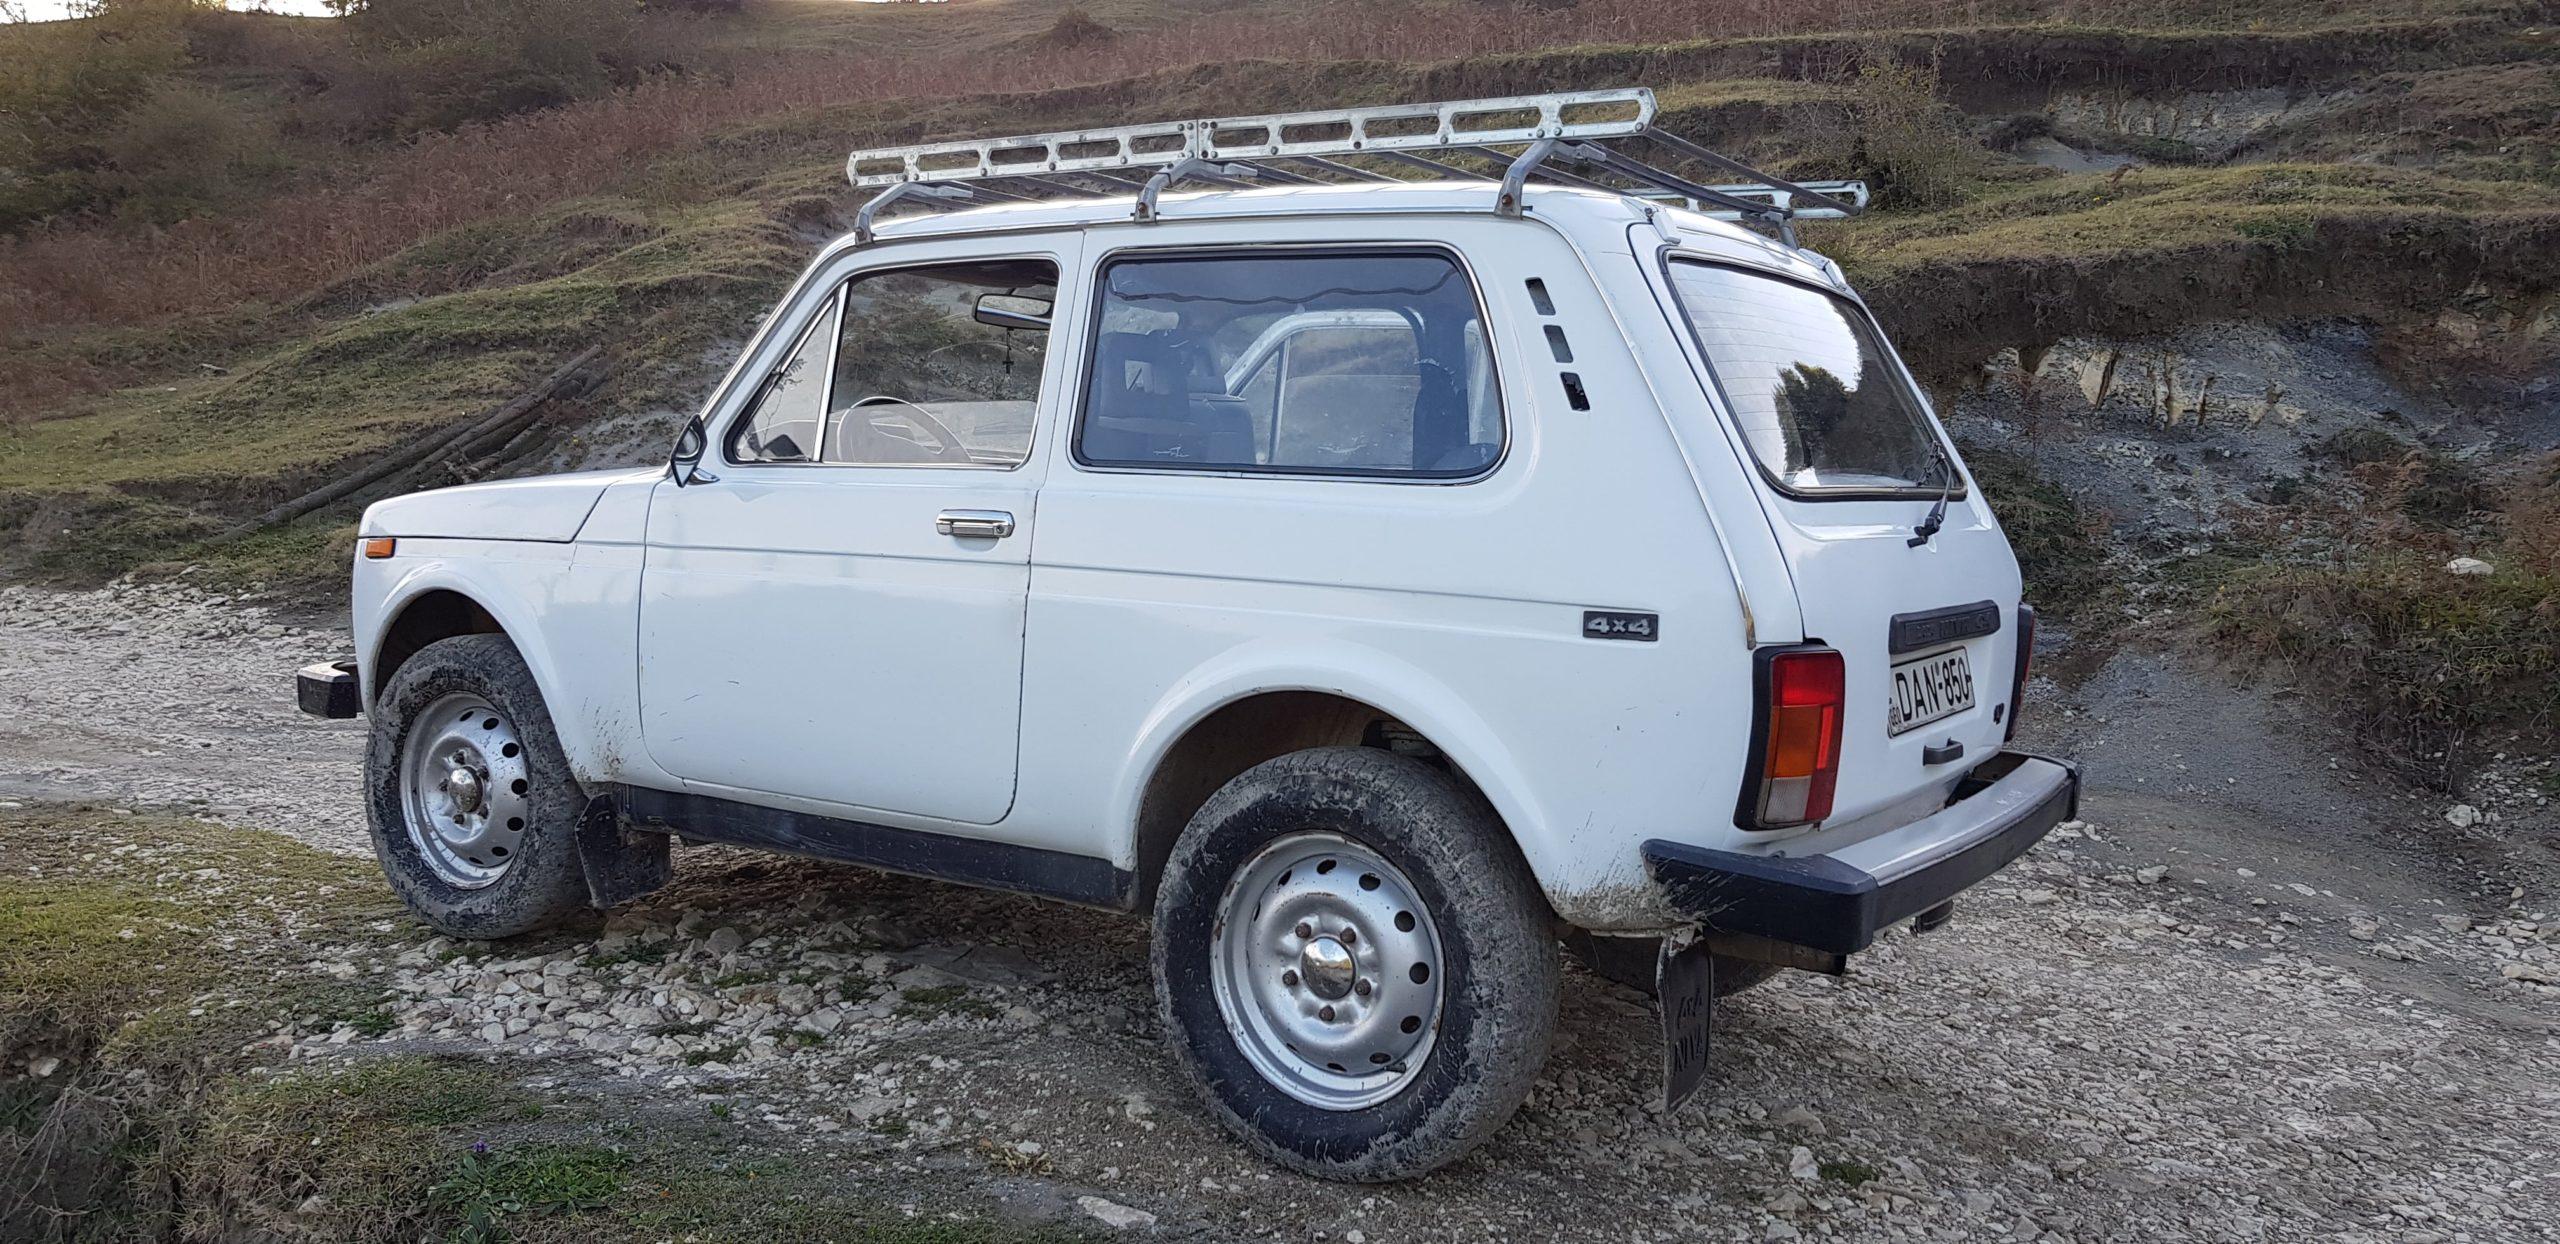 Local 4WD car in Georgia